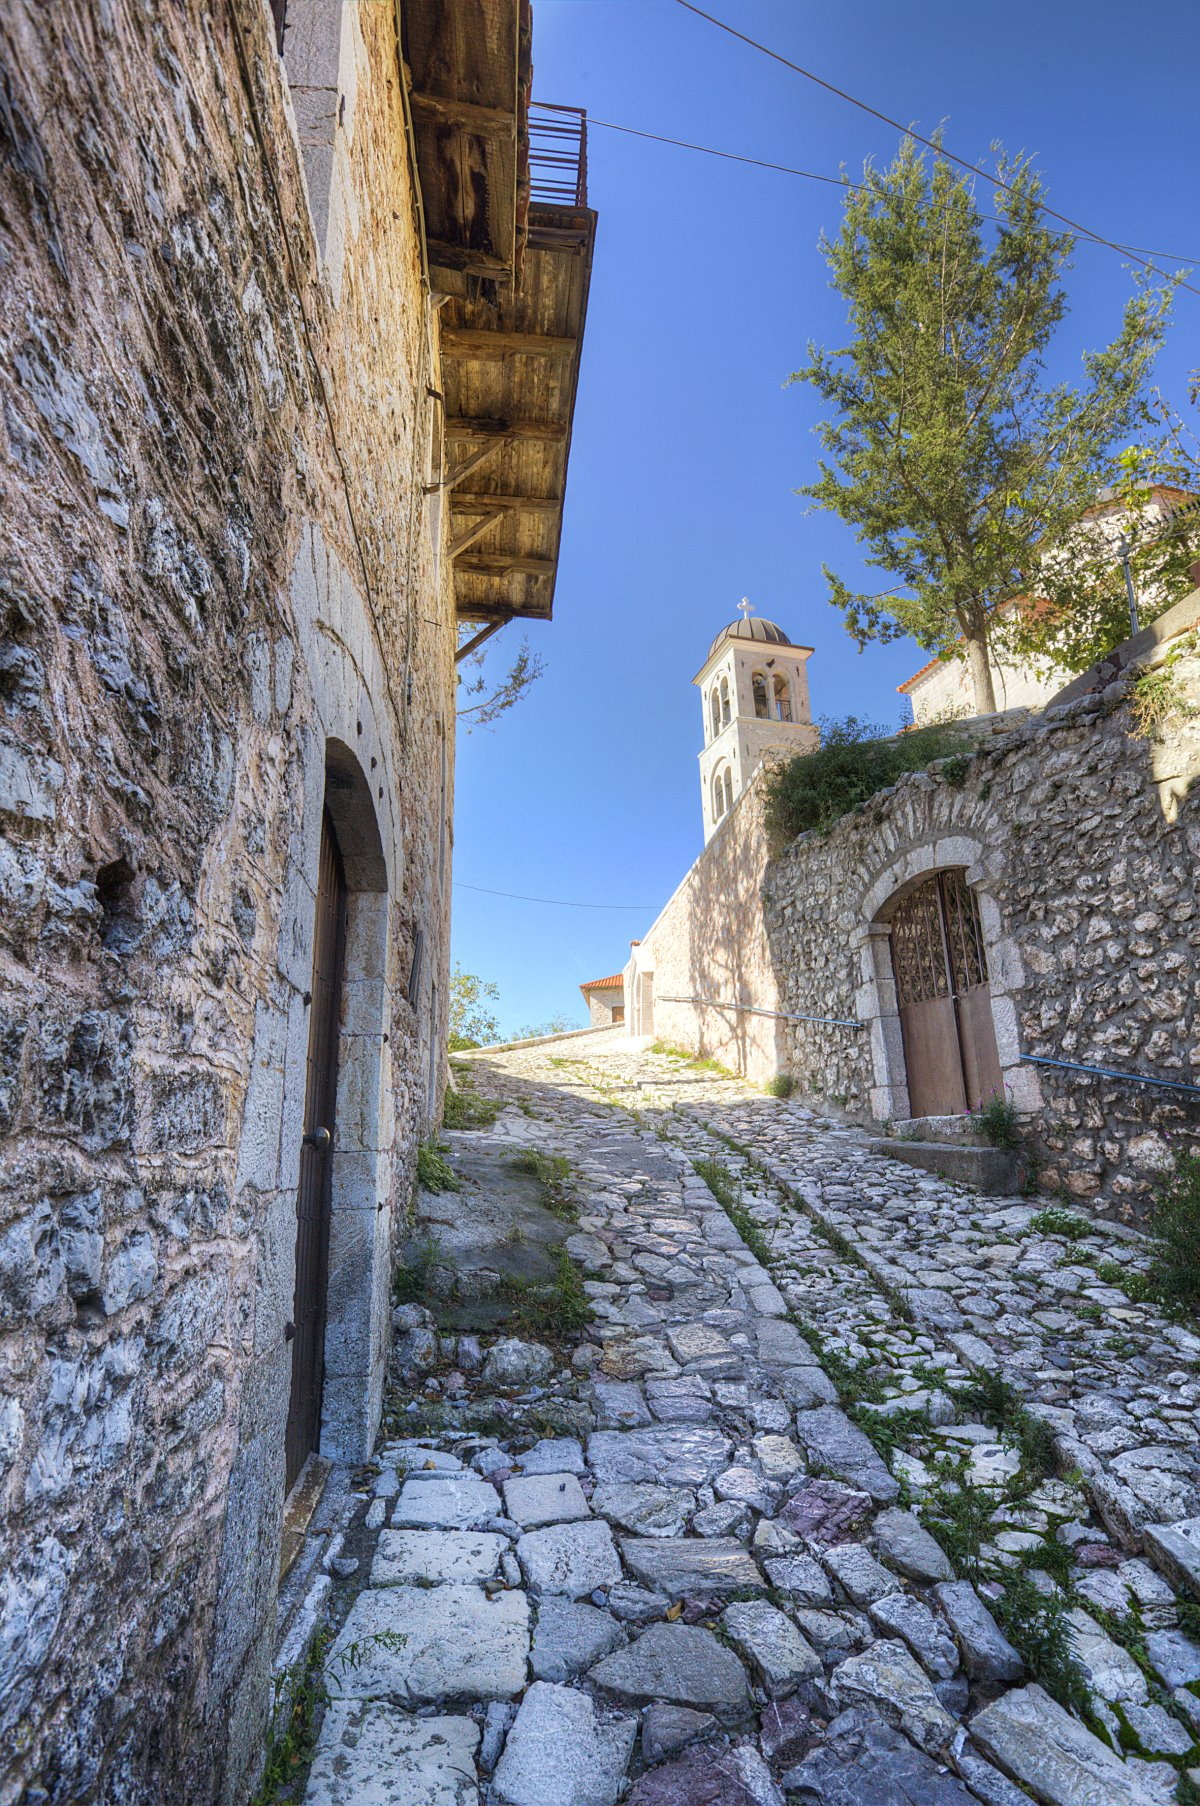 Δημητσάνα, βόλτα στο χωριό